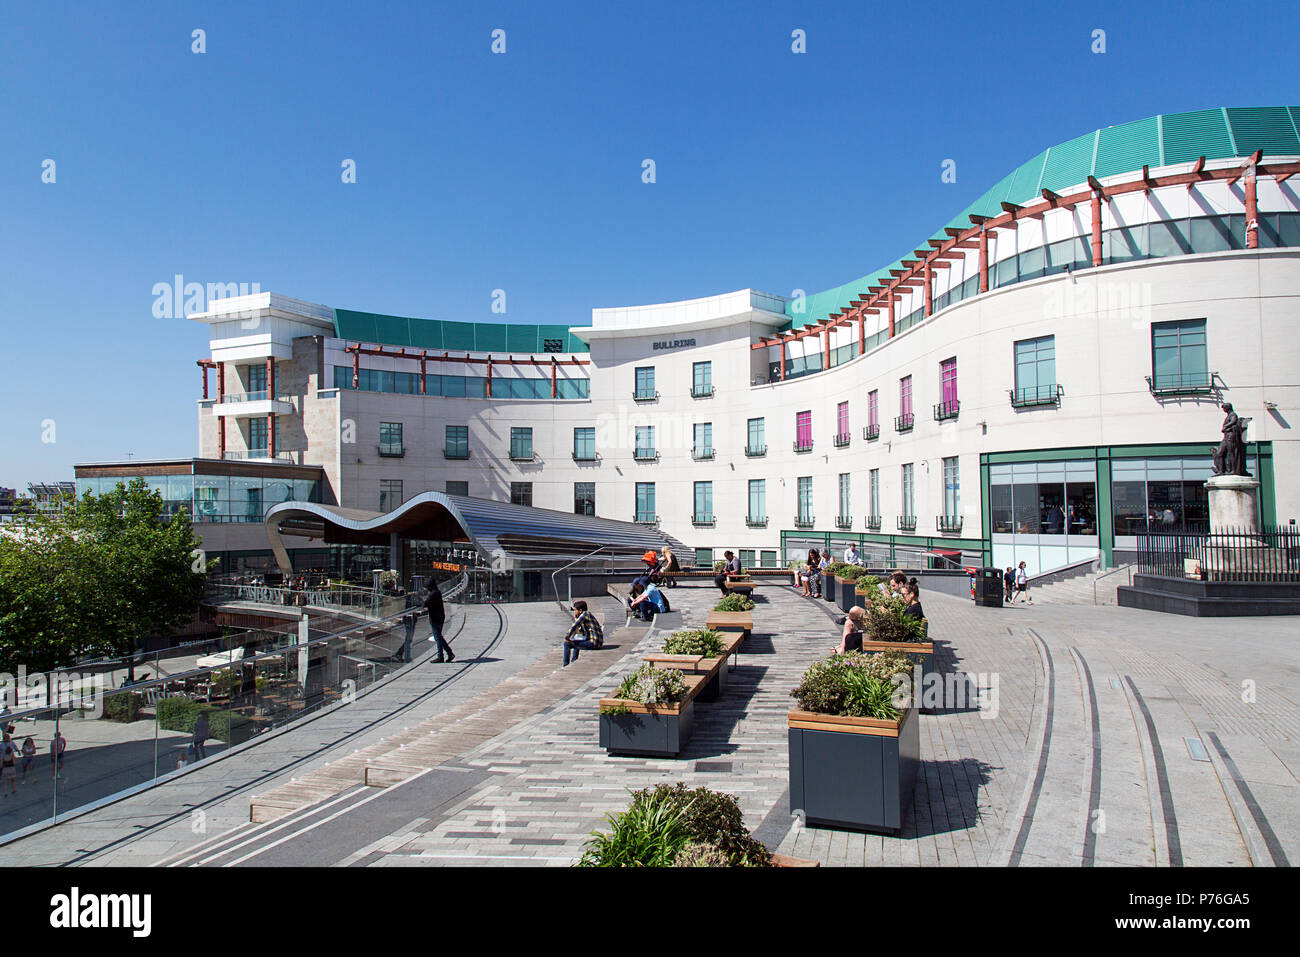 Birmingham, Vereinigtes Königreich: 29. Juni 2018: Der Bullring Shopping Centre - Birmingham. Menschen Einkaufen in der Fußgängerzone. Sommer und blauer Himmel. Stockbild